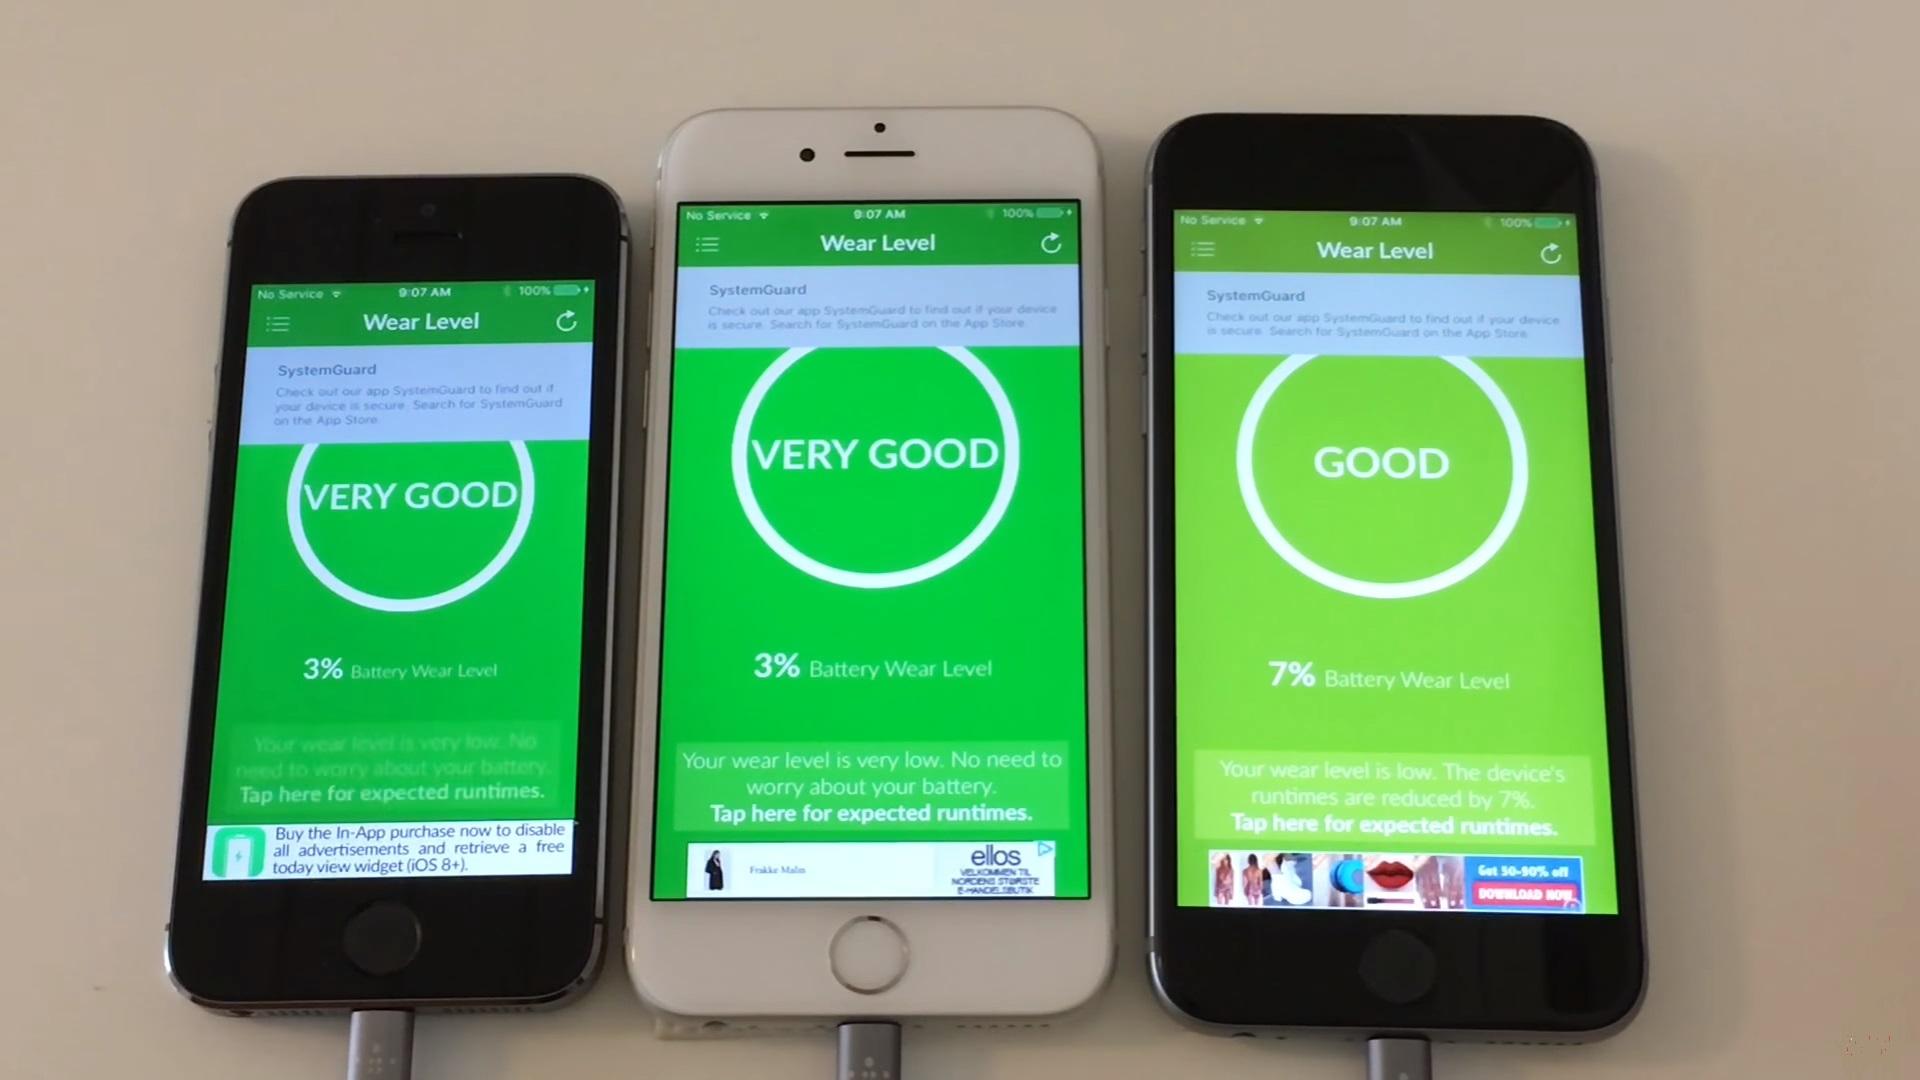 Comparativa de batería entre iOS 11 vs. iOS 10, ¿dónde dura más?